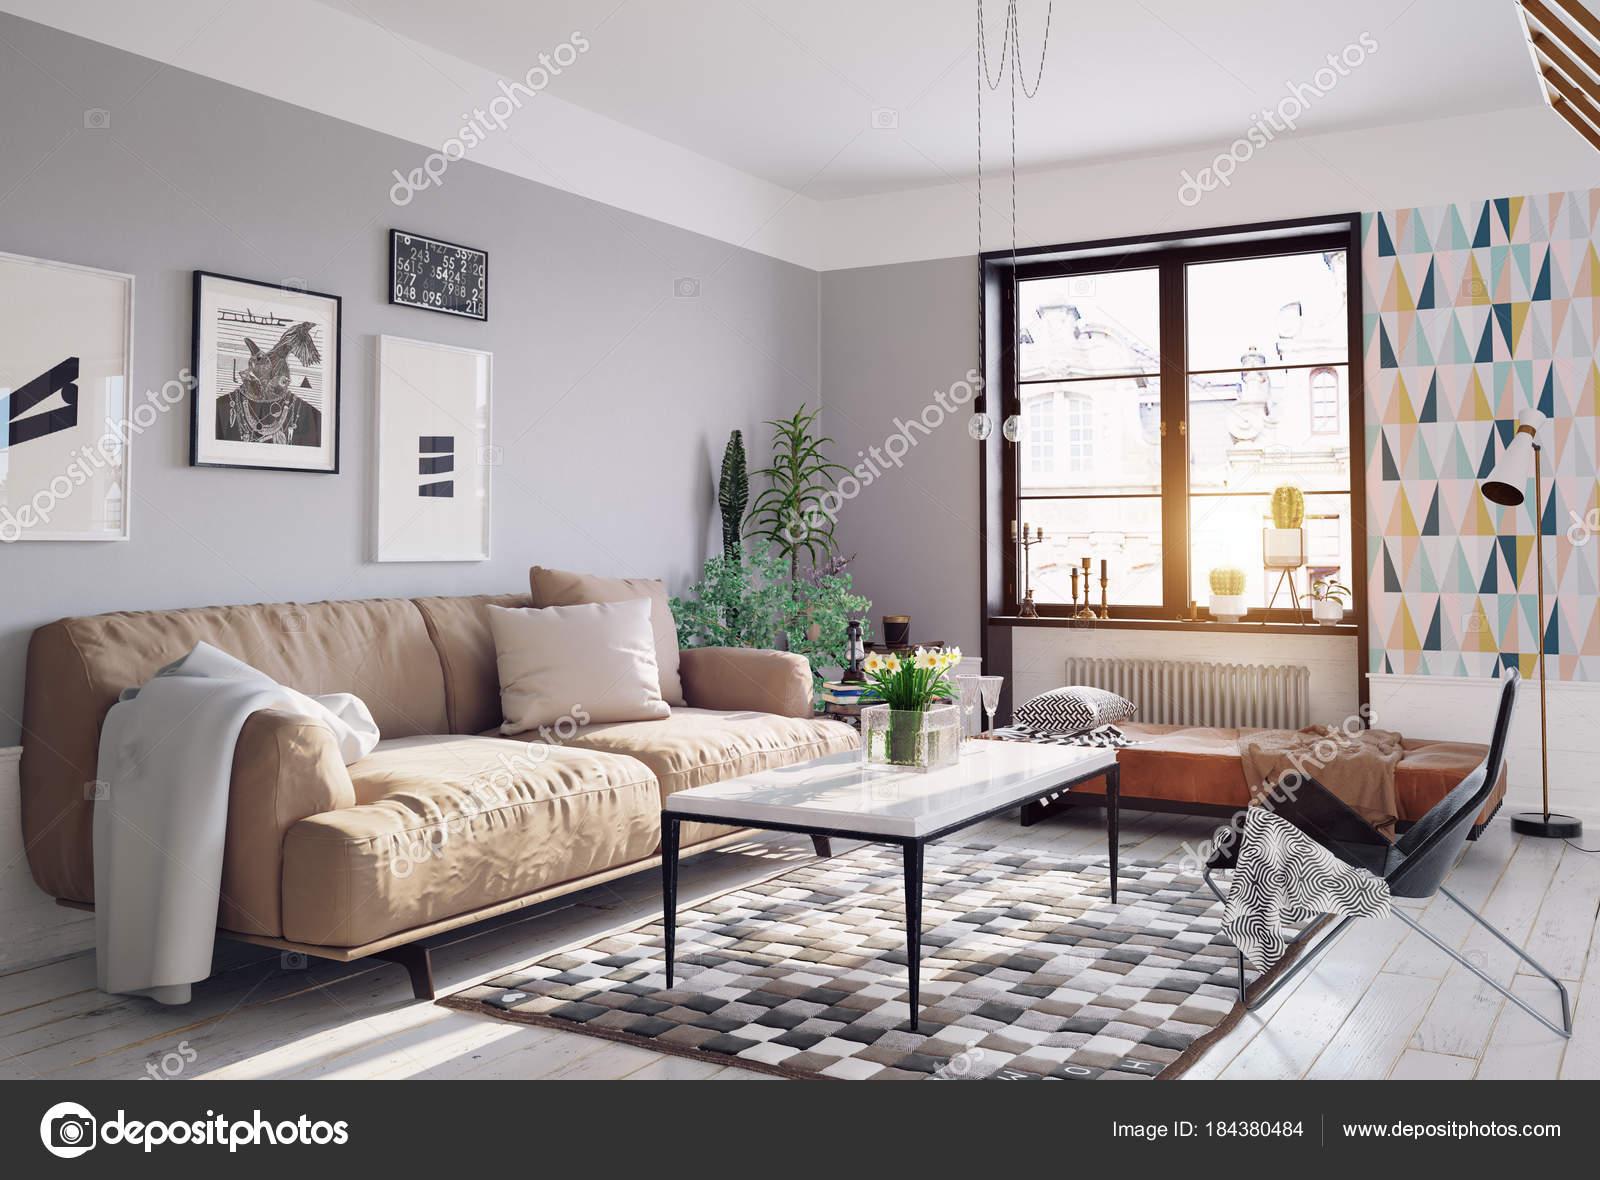 Moderne Wohnzimmer Design Mit Bildern Aus Einem Anderen Blickwinkel Auf U2014  Stockfoto